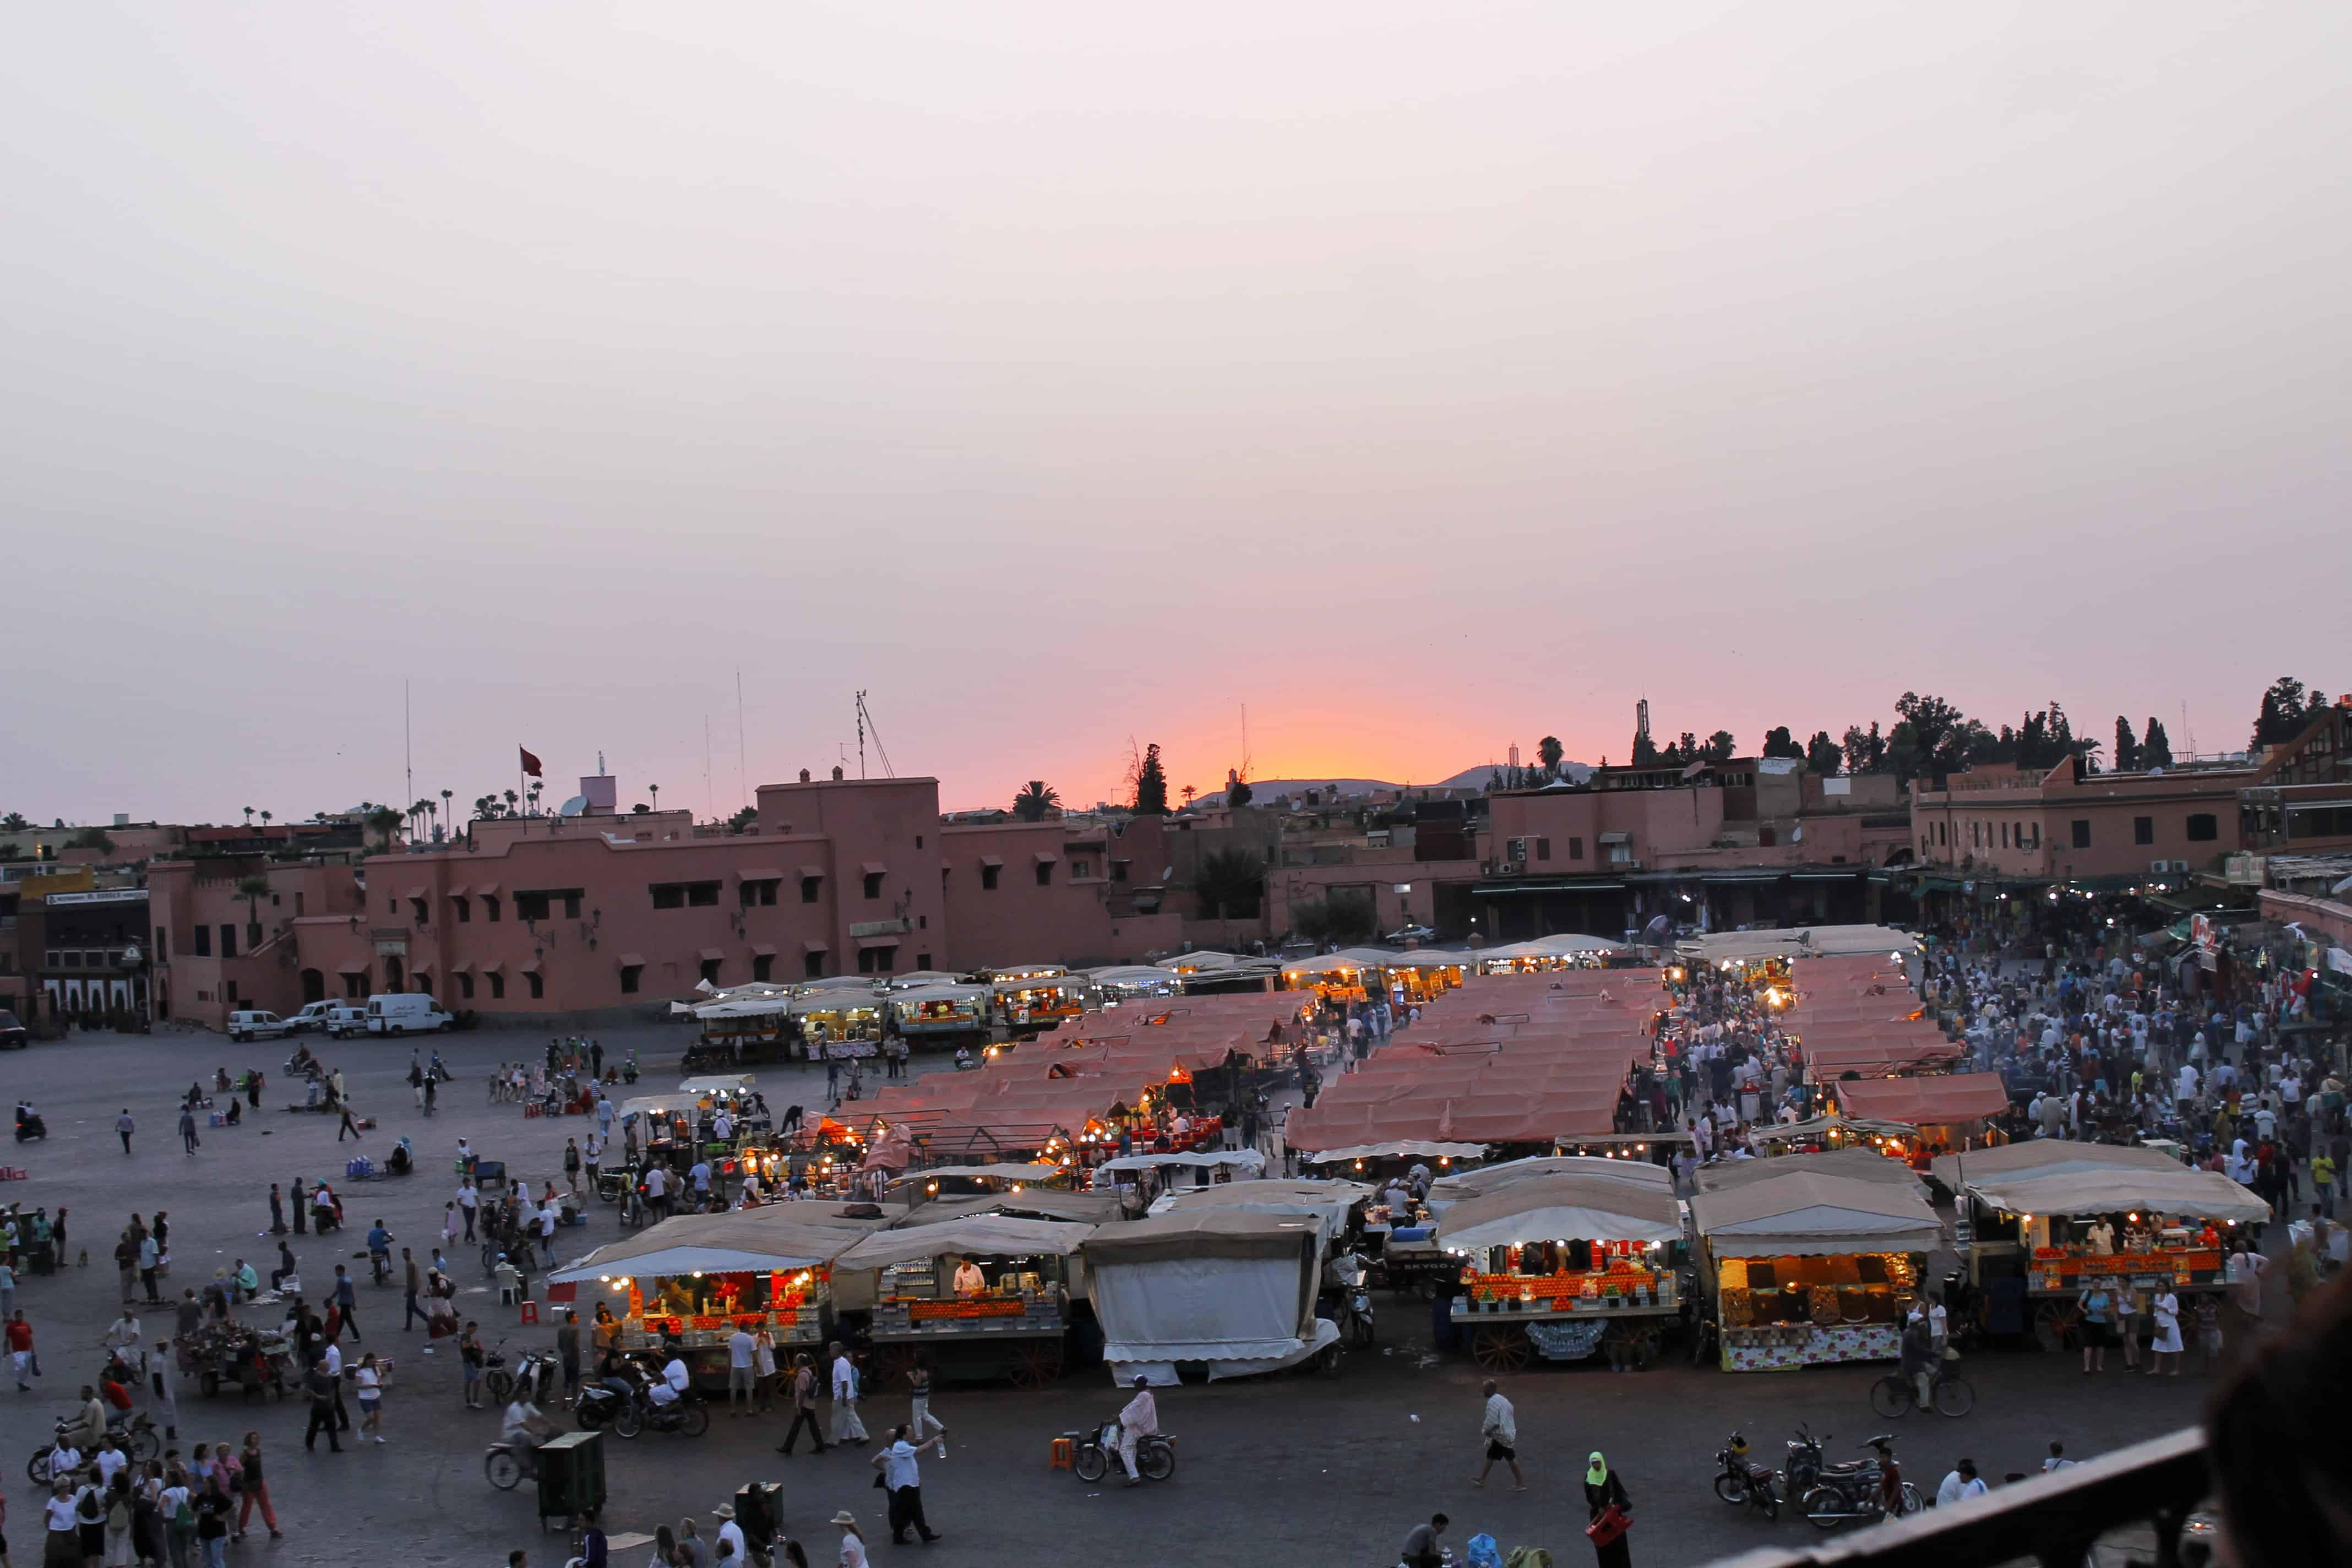 Place Jamaa El Fna à Marrakech - beaucoup plus calme qu'à l'habitude